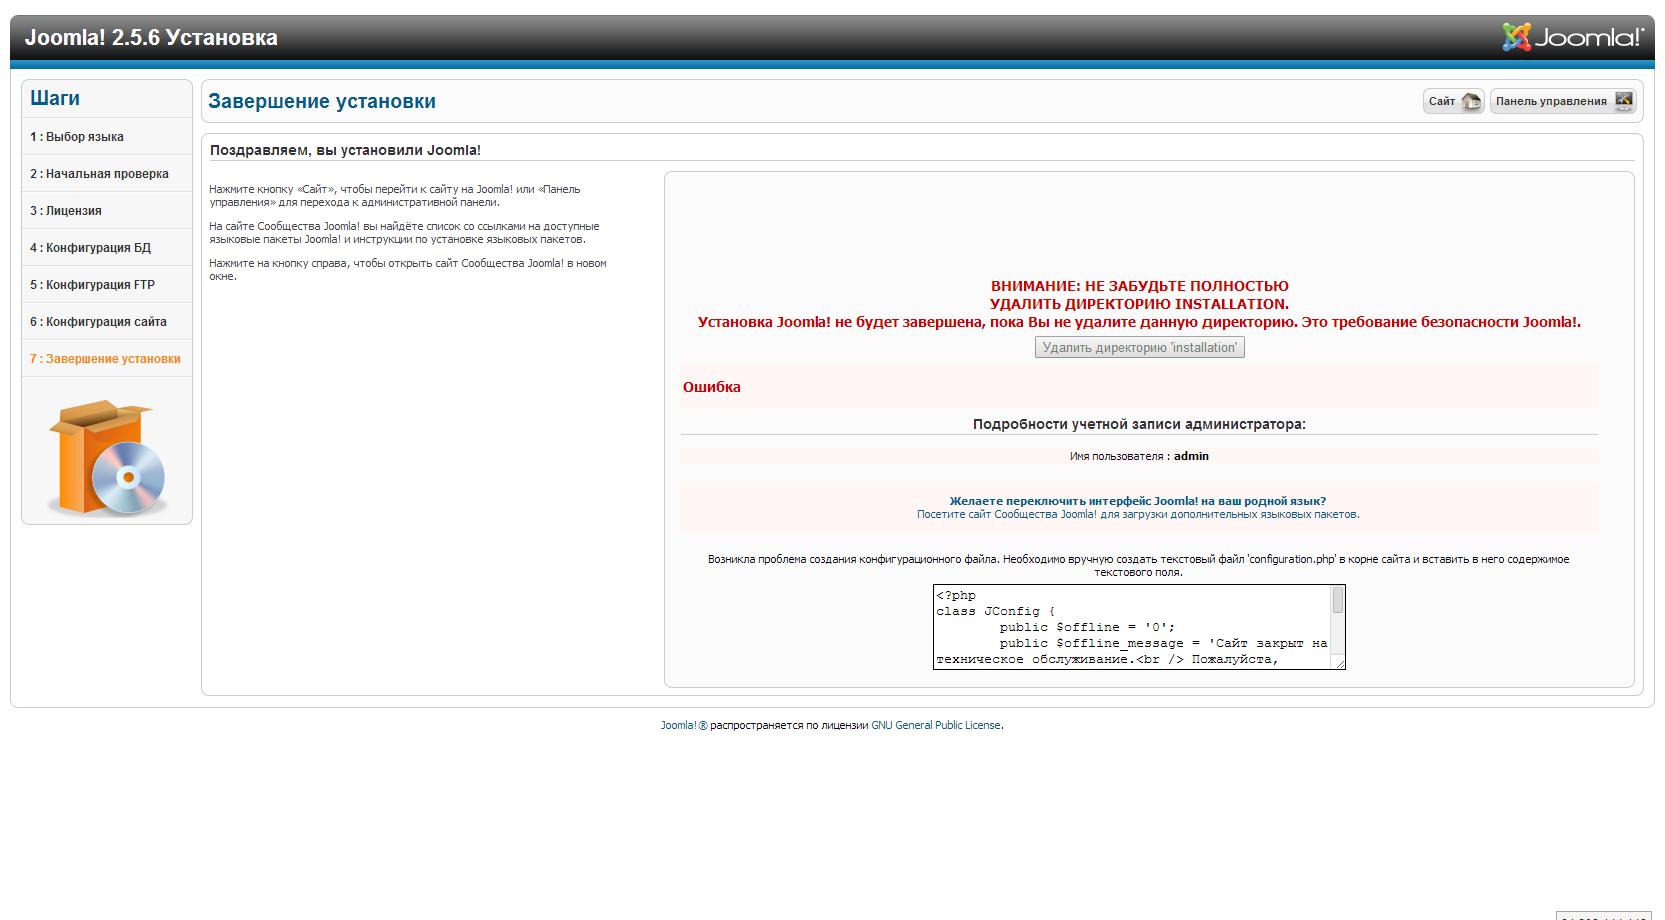 Завершение установки - Joomla